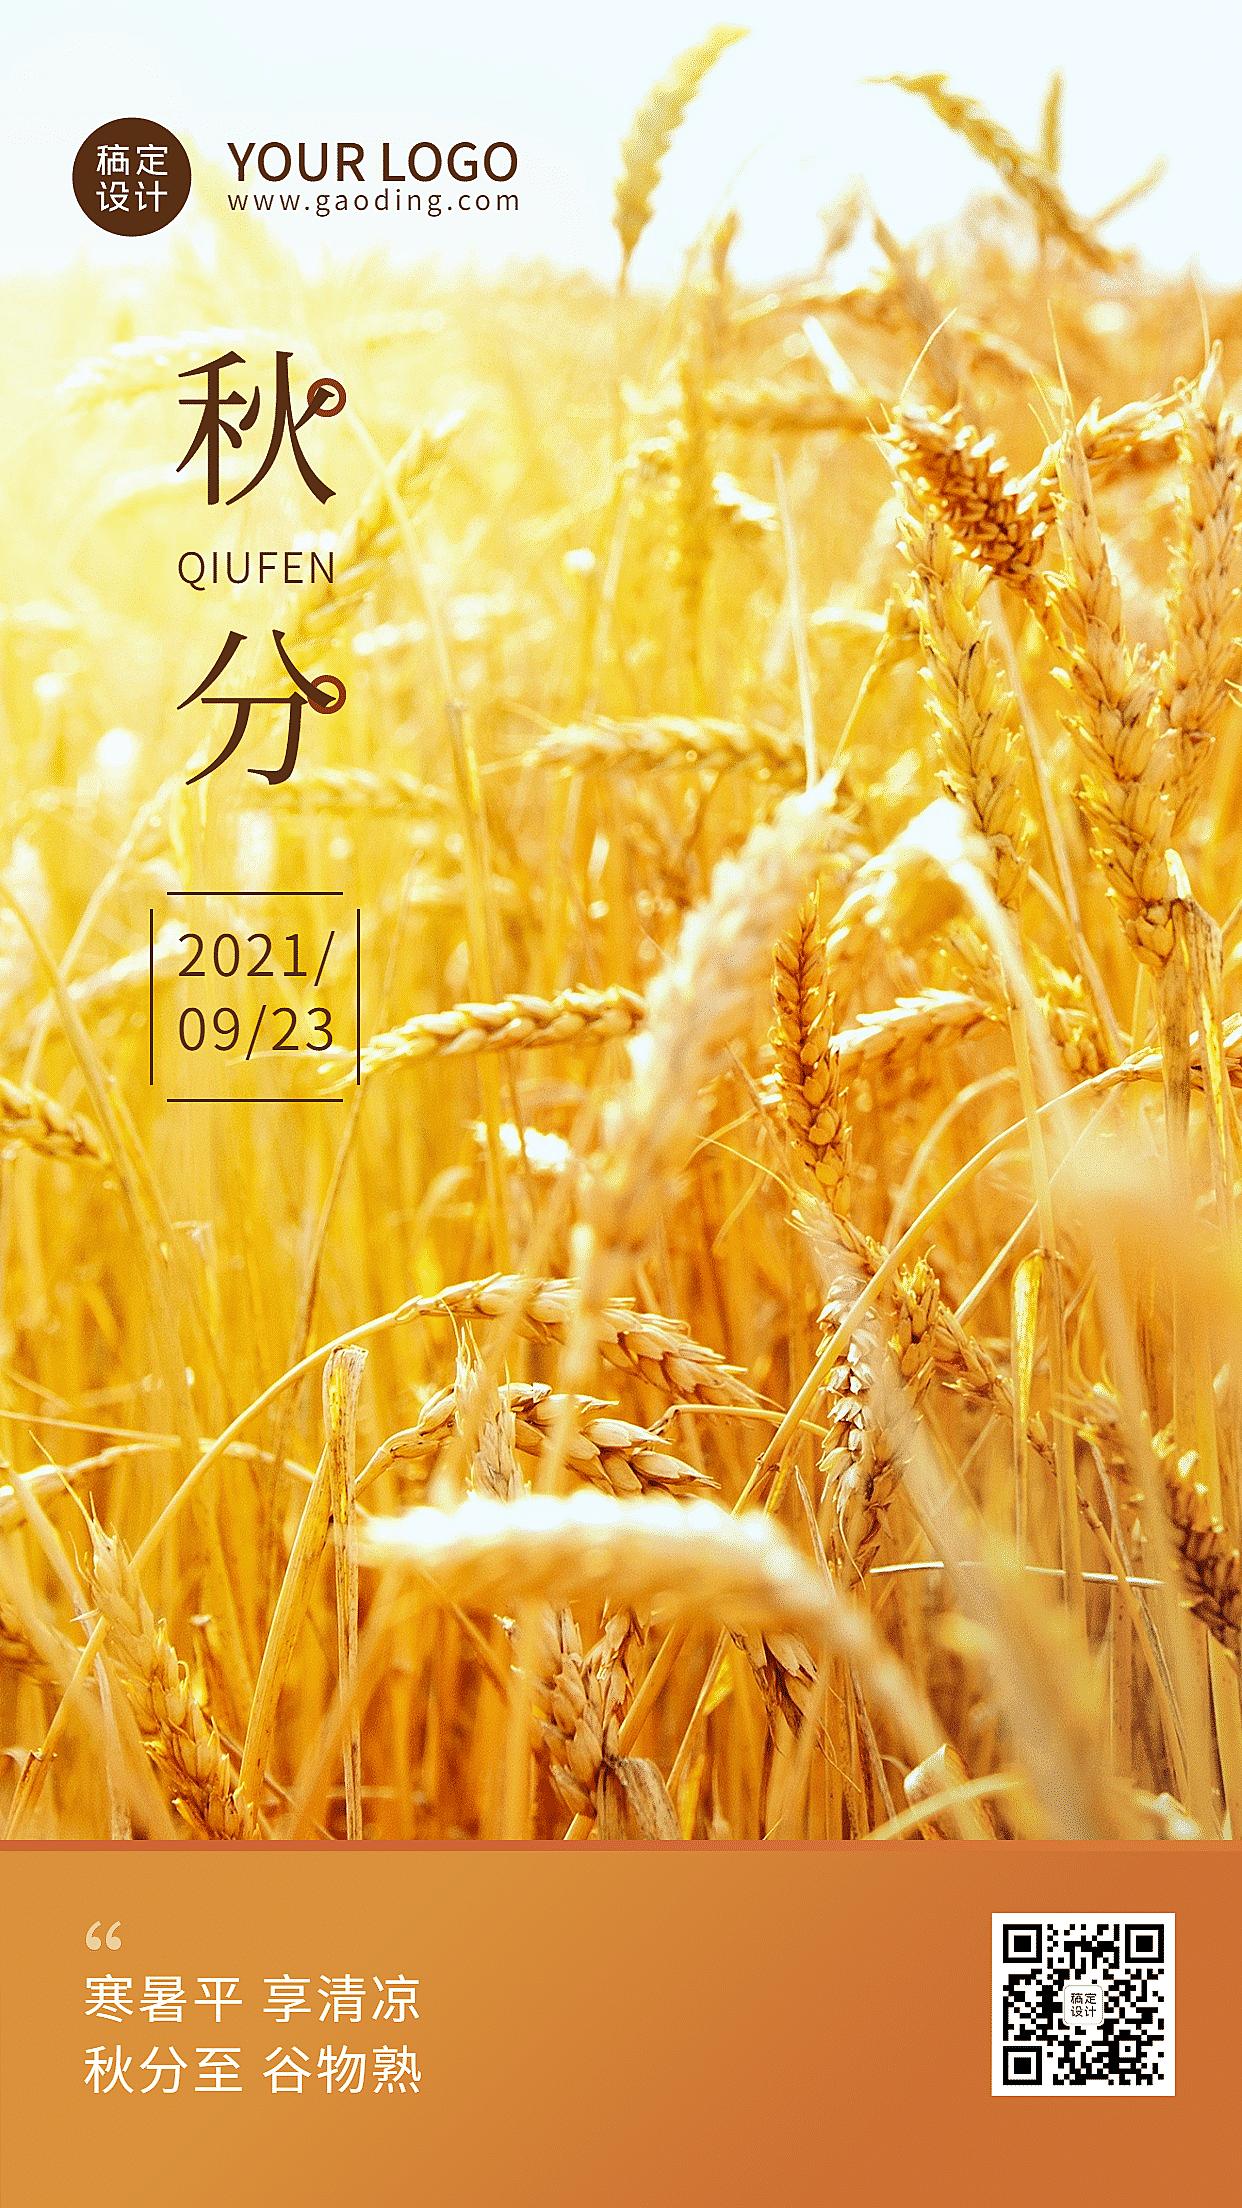 秋分节气实景排版祝福手机海报